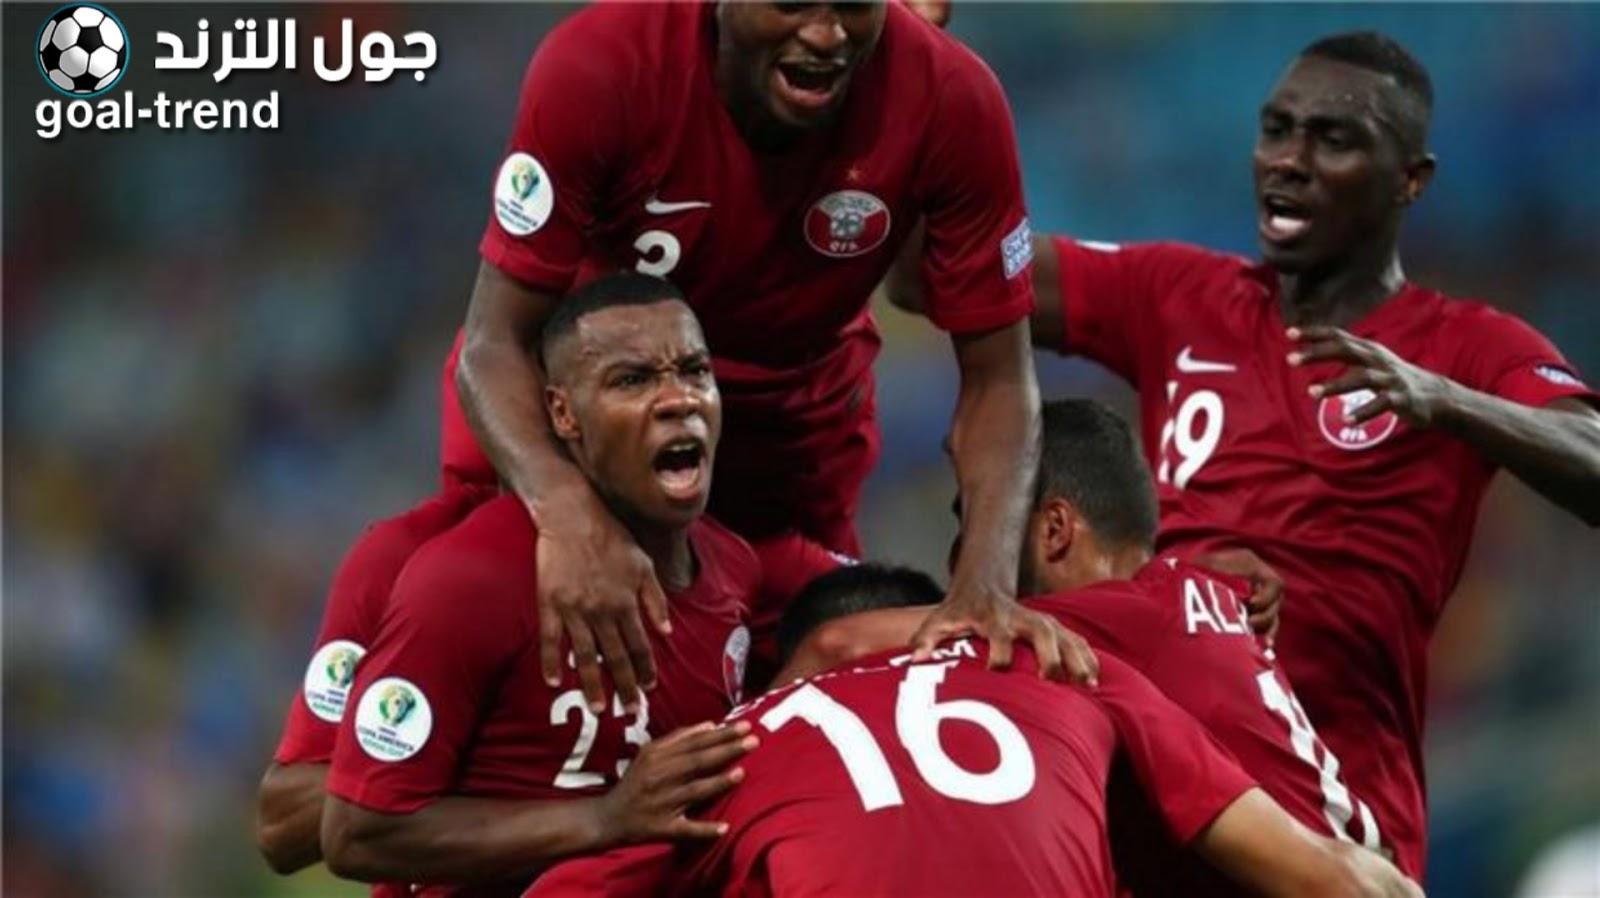 نتيجة مواجهة قطر وكولومبيا يوم الخميس في كأس كوبا امريكا 2019